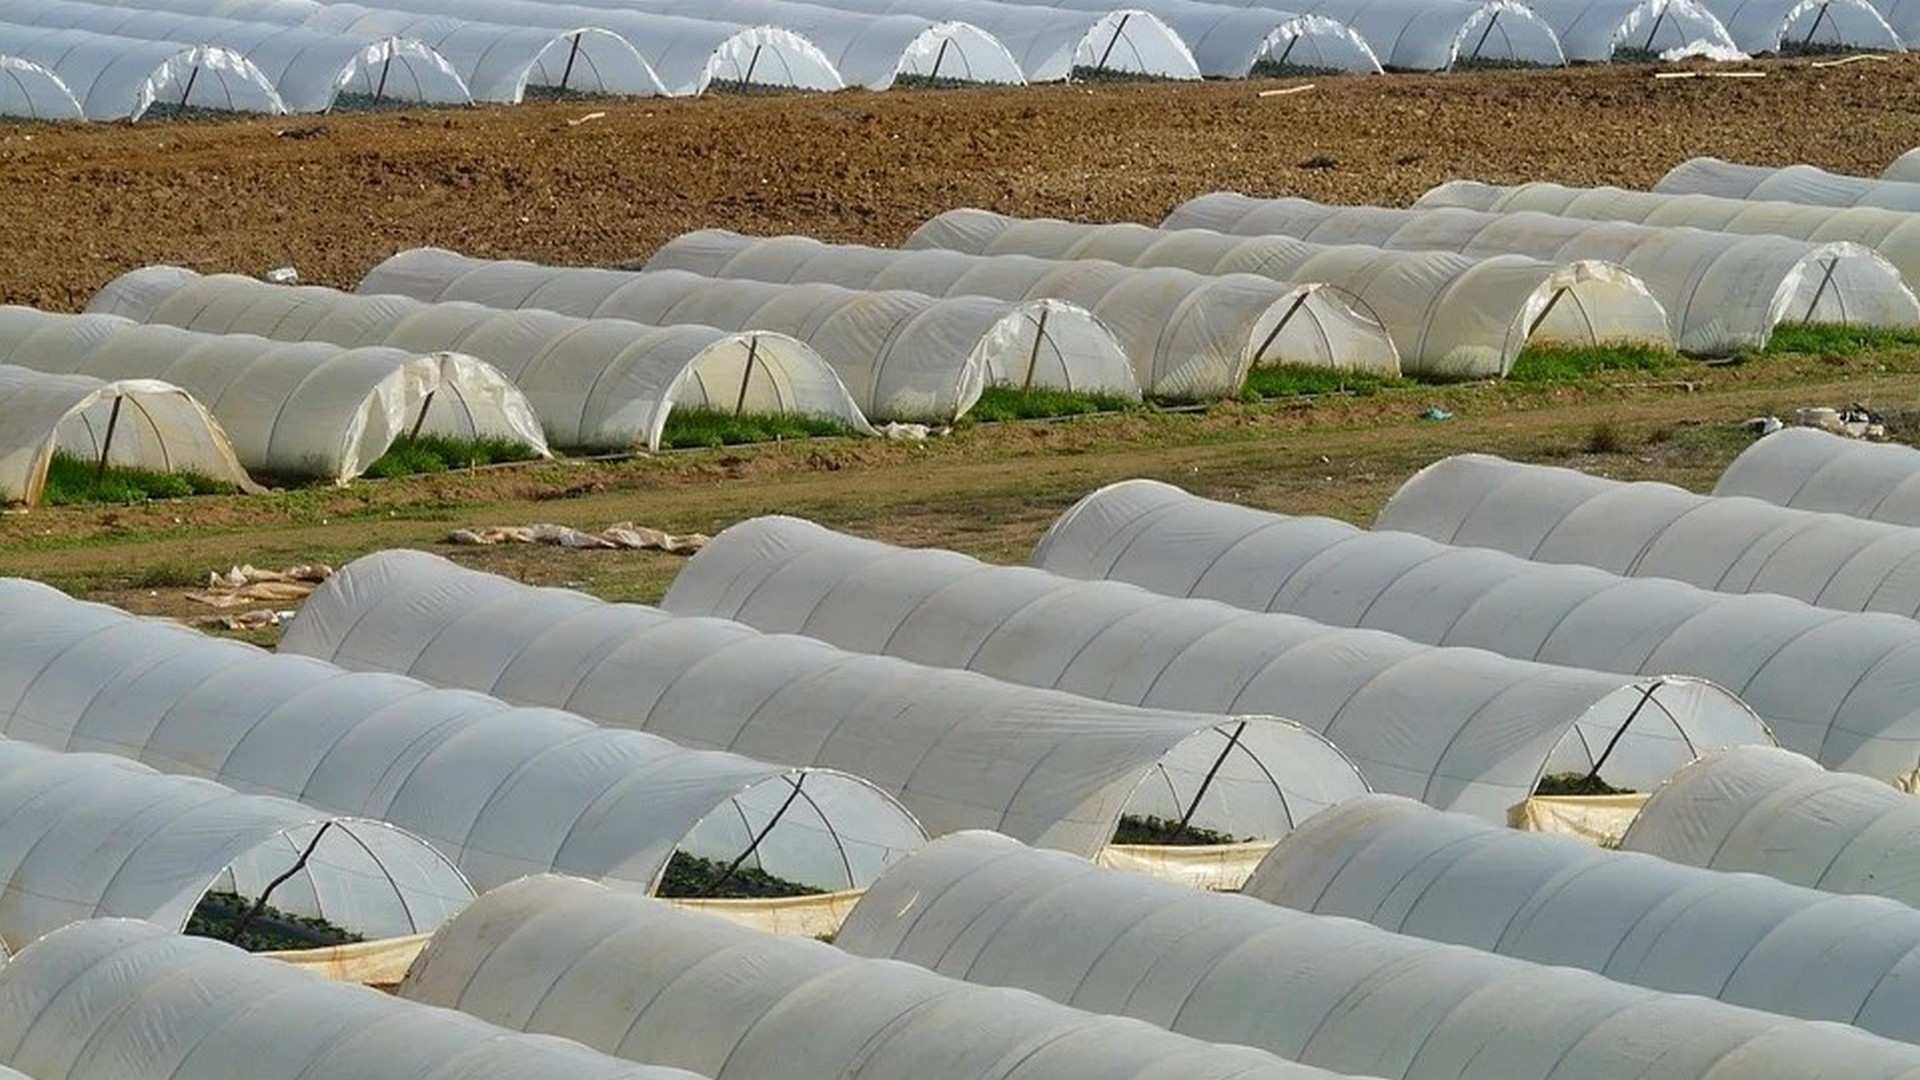 Los invernaderos de Almería y Granada: modelos de gestión en tiempos de pandemia